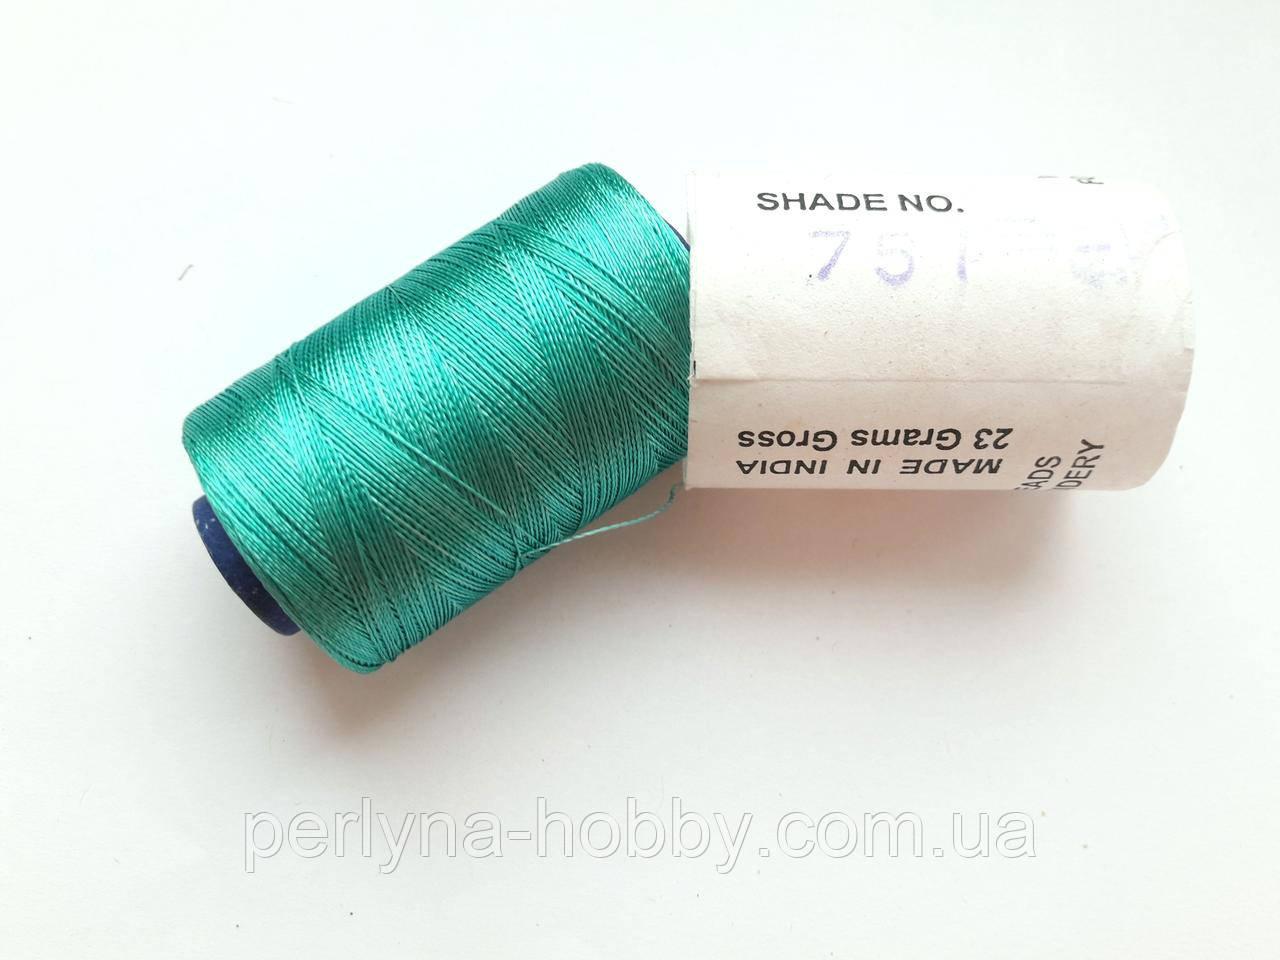 Нитки шовкові ( віскоза ) для вишивання, для  ручної роботи, 23 грам. Бірюза в зелений (тіфані)  № 75